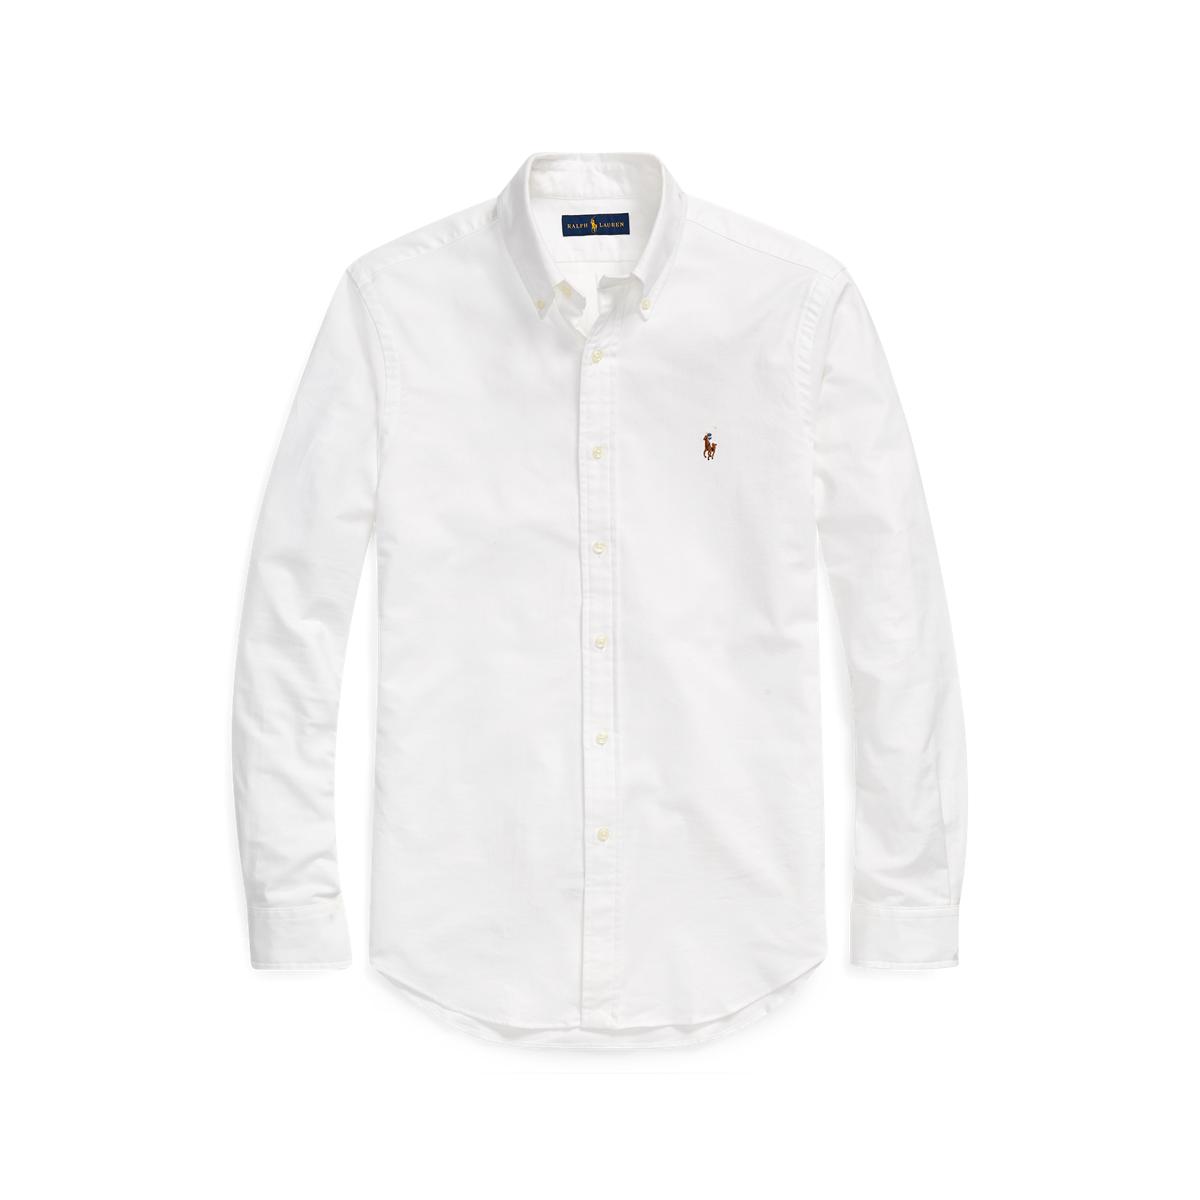 on sale bcc3e 8f7f8 Slim Fit Oxford Shirt | Ralph Lauren DE